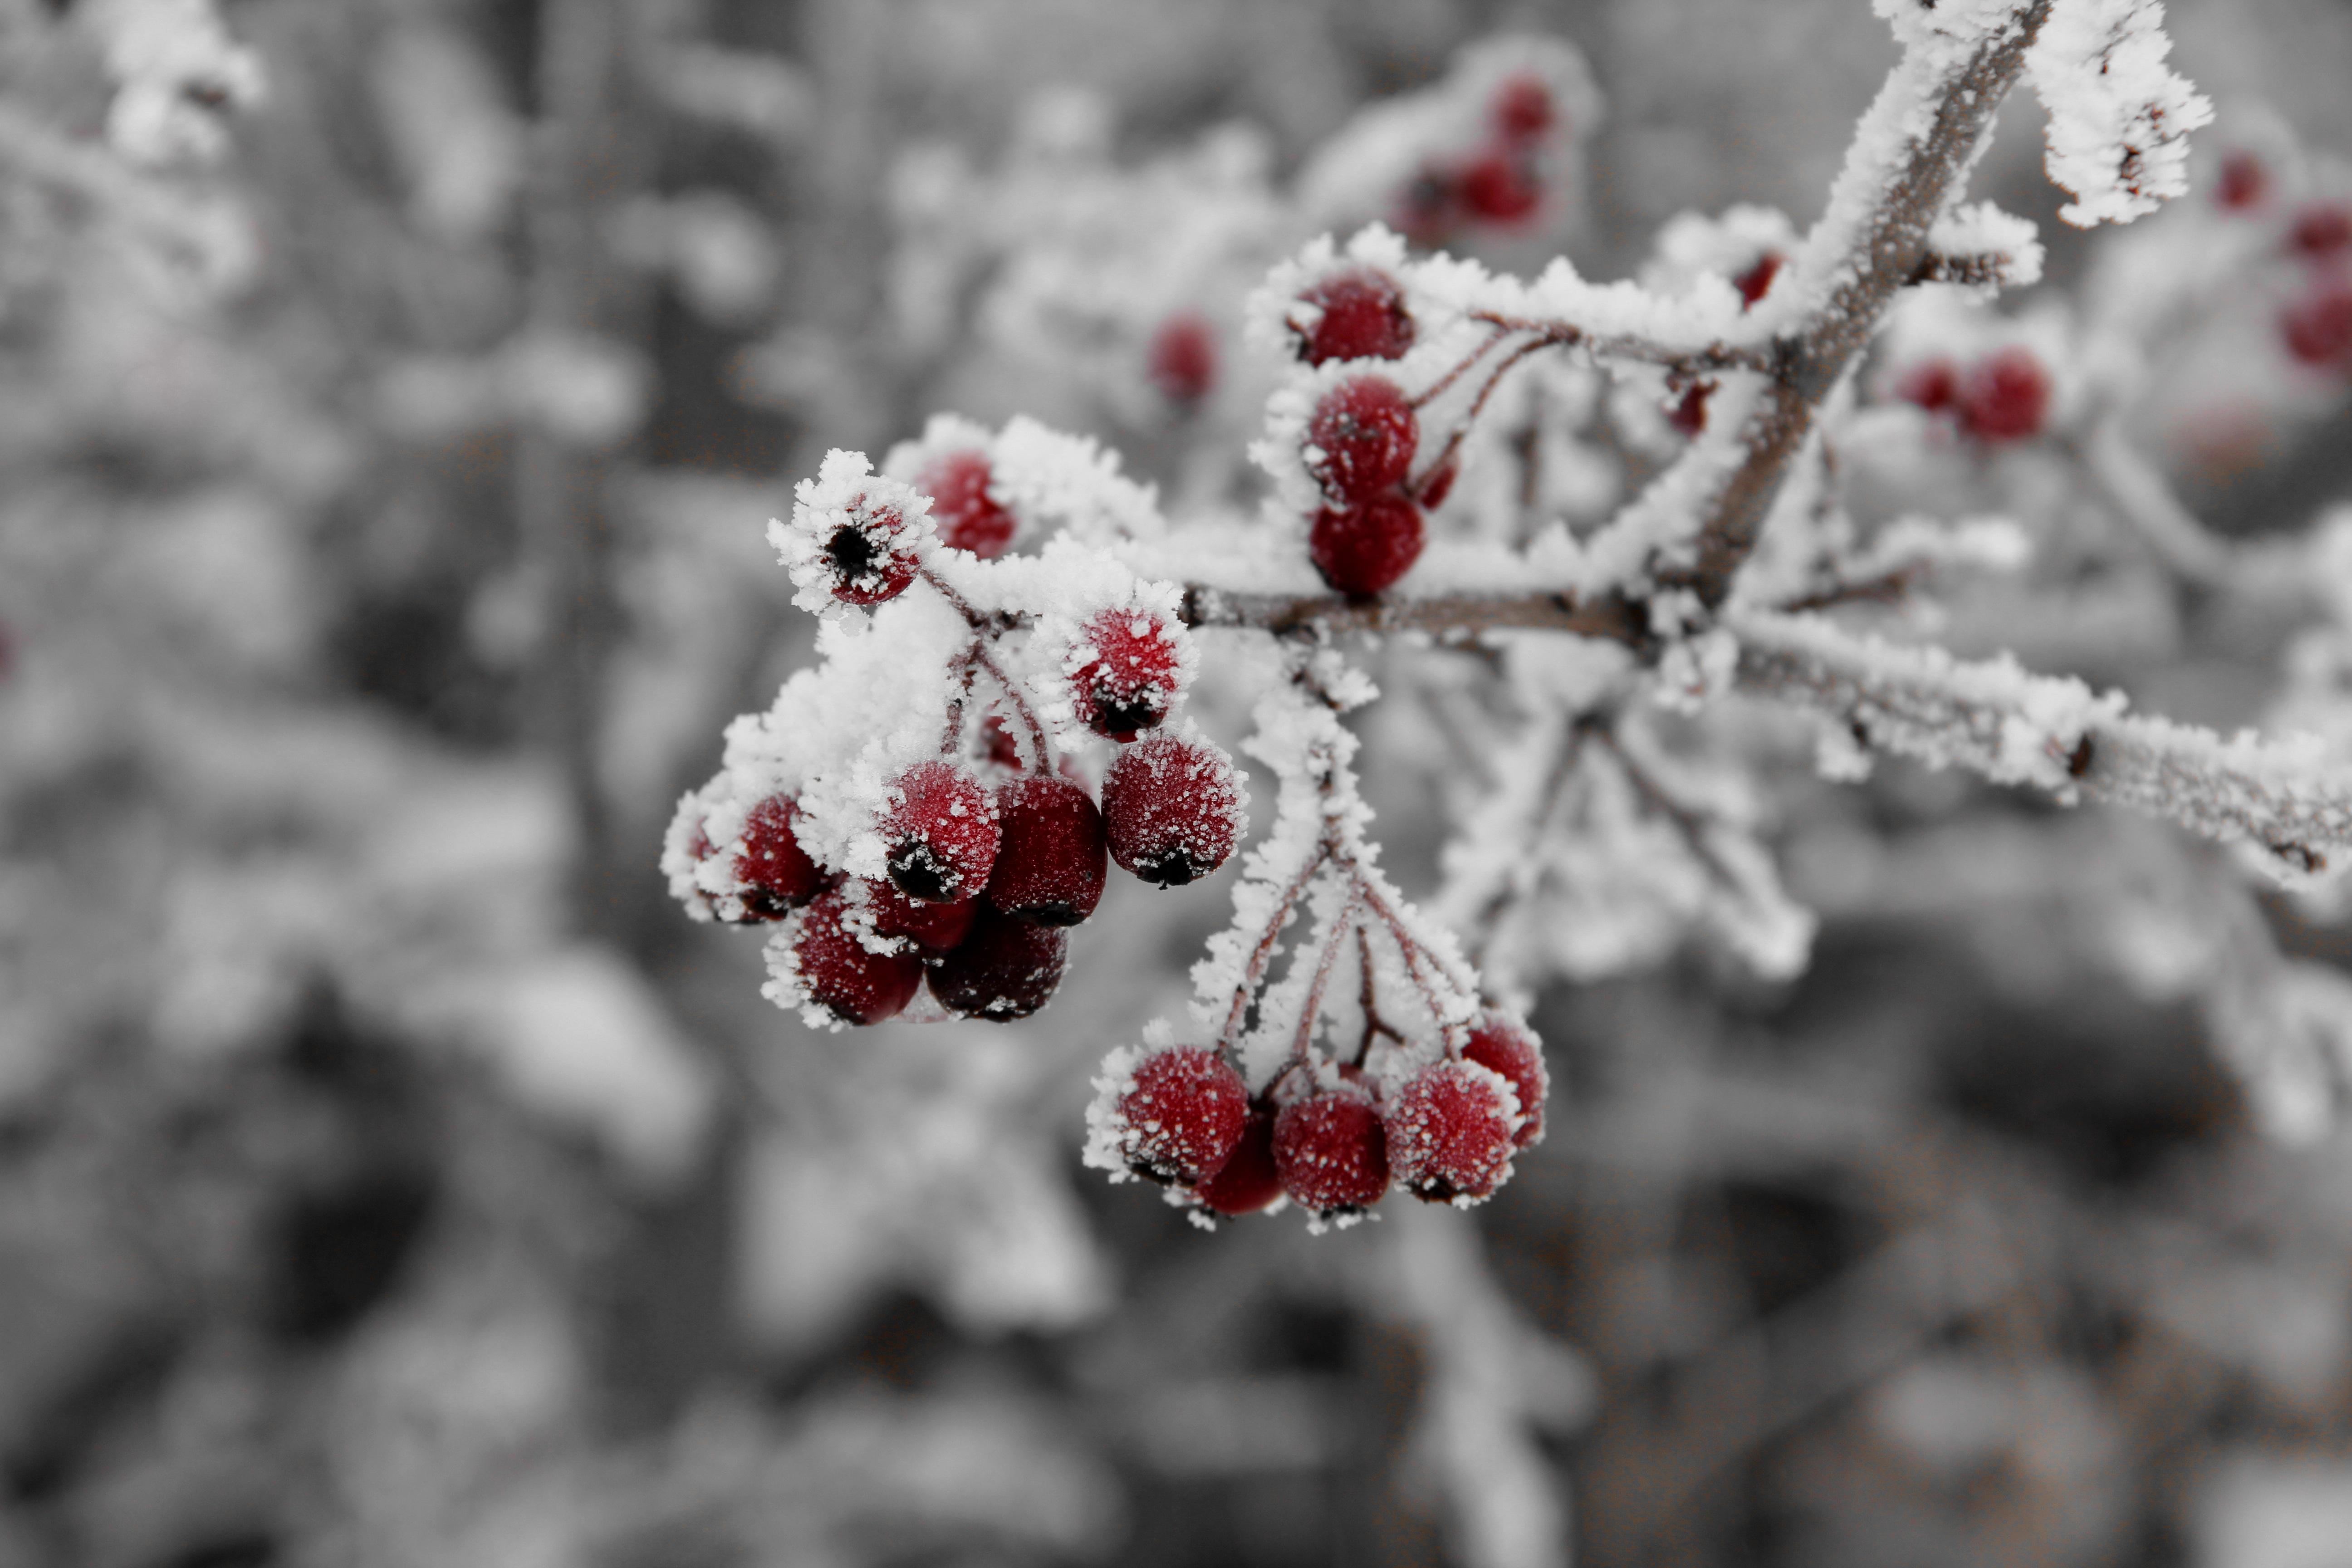 рябина в снегу фото высокое разрешение по-настоящему стильное